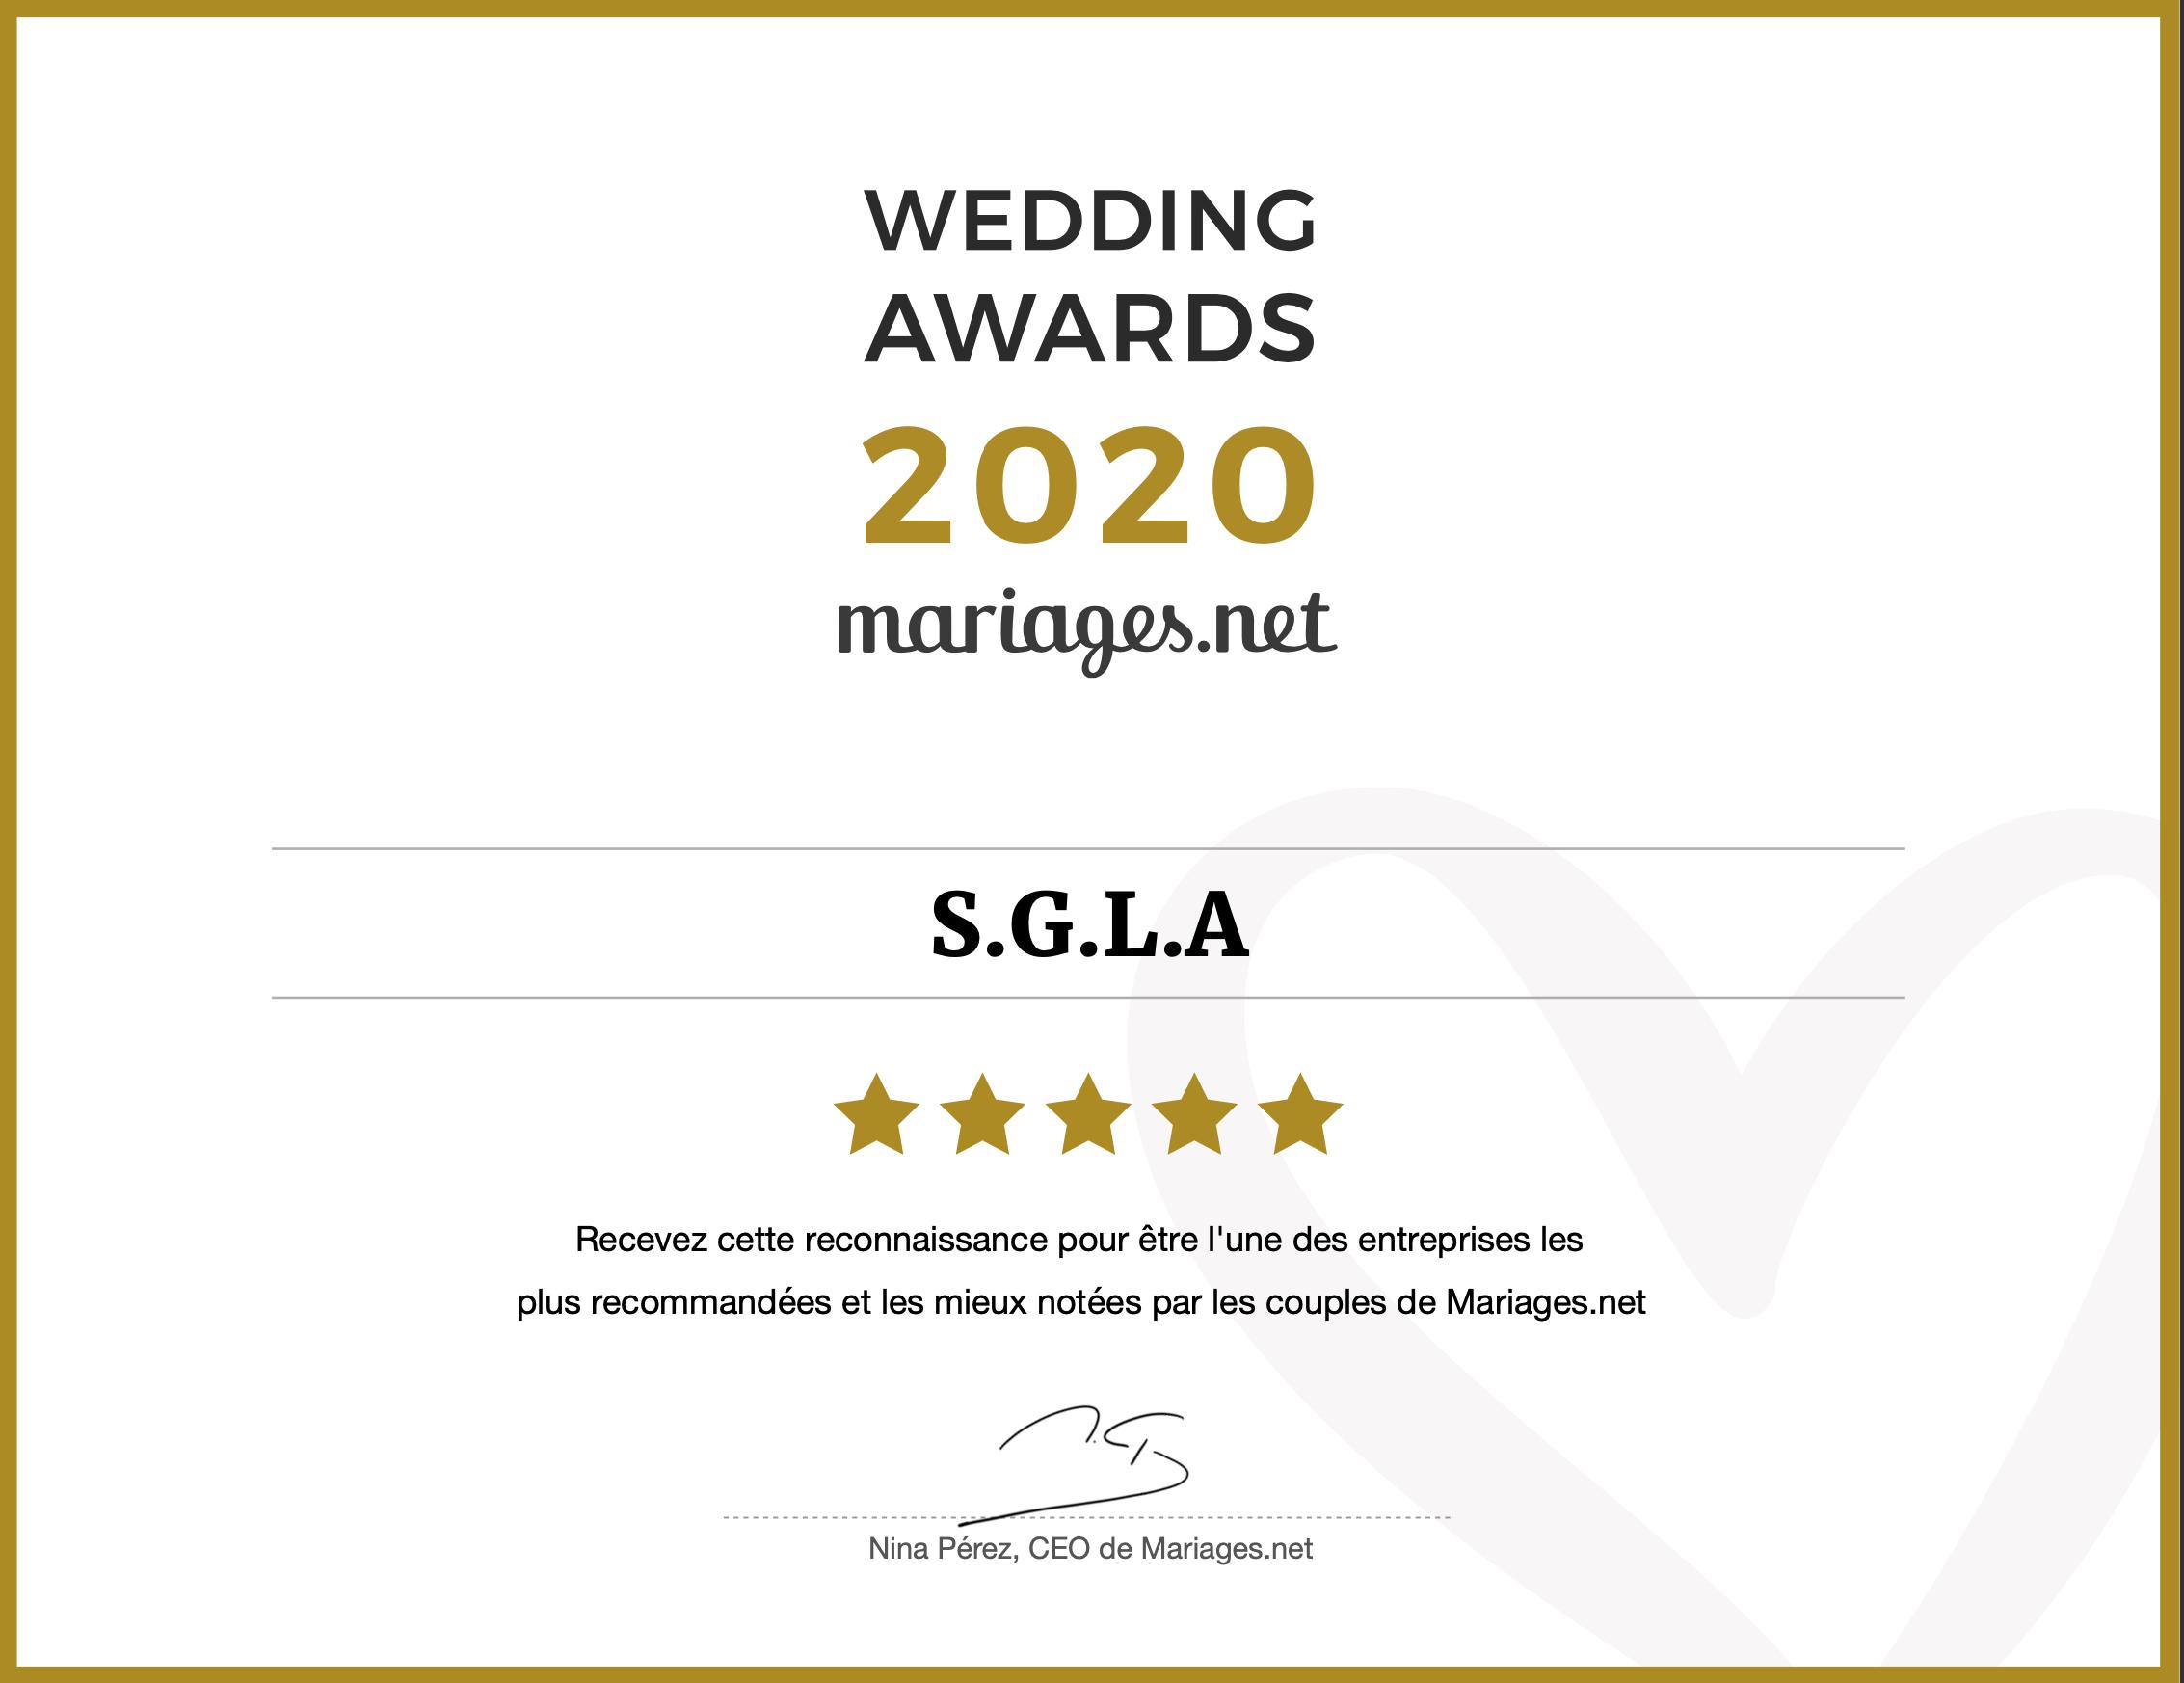 S.G.L.A obtient un Wedding Awards, le prix le plus prestigieux du secteur nuptial.